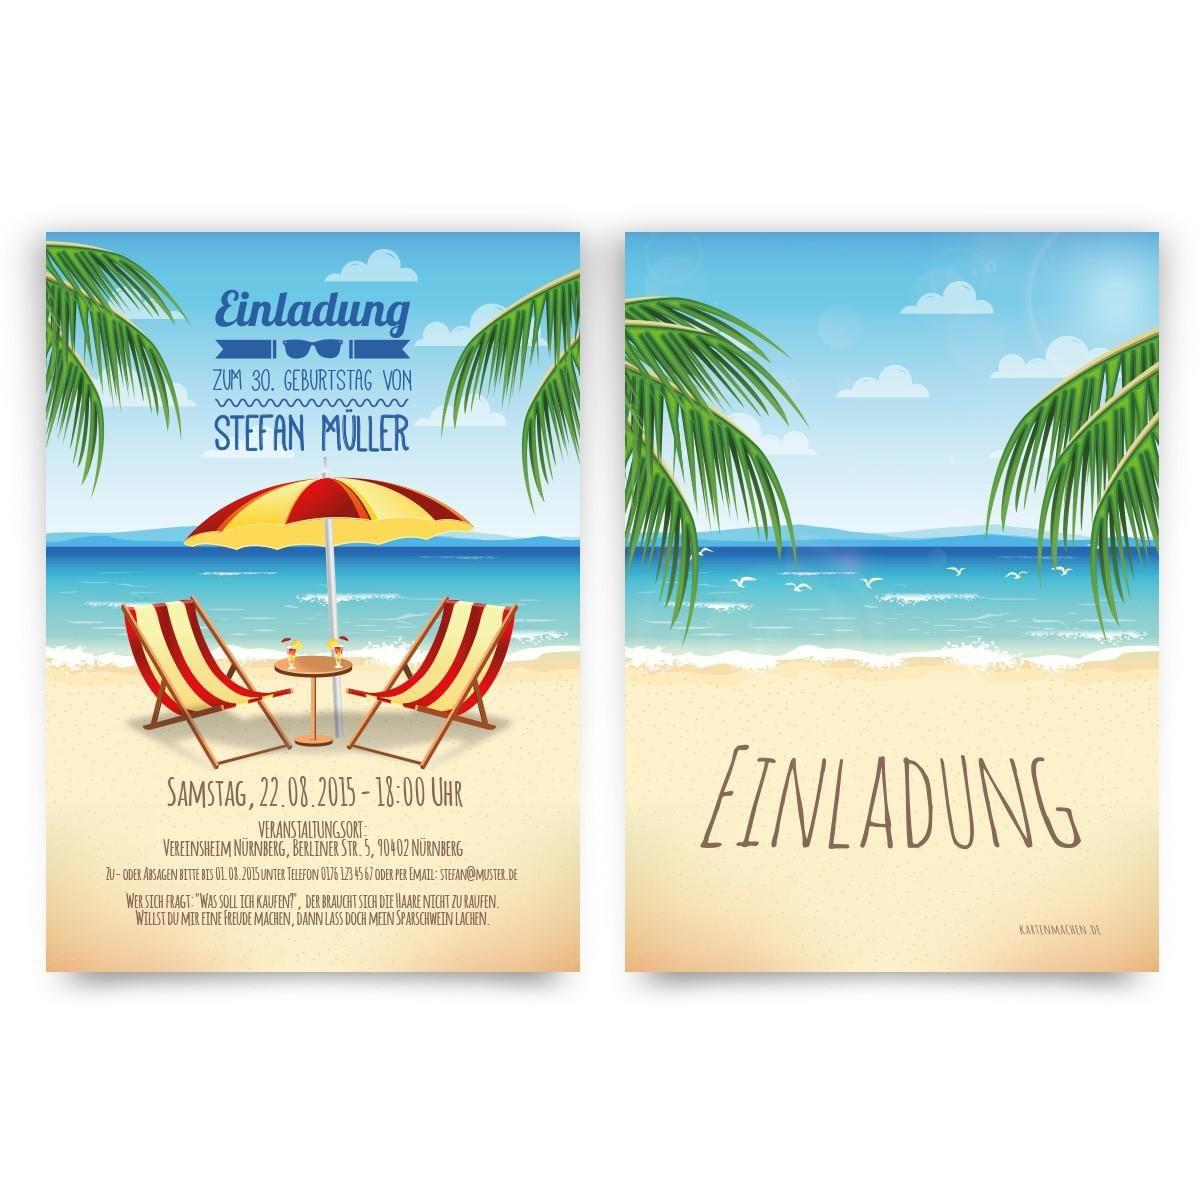 Einladungskarte Kindergeburtstag : Einladungskarte Kindergeburtstag Text   Kindergeburtstag  Einladung   Kindergeburtstag Einladung